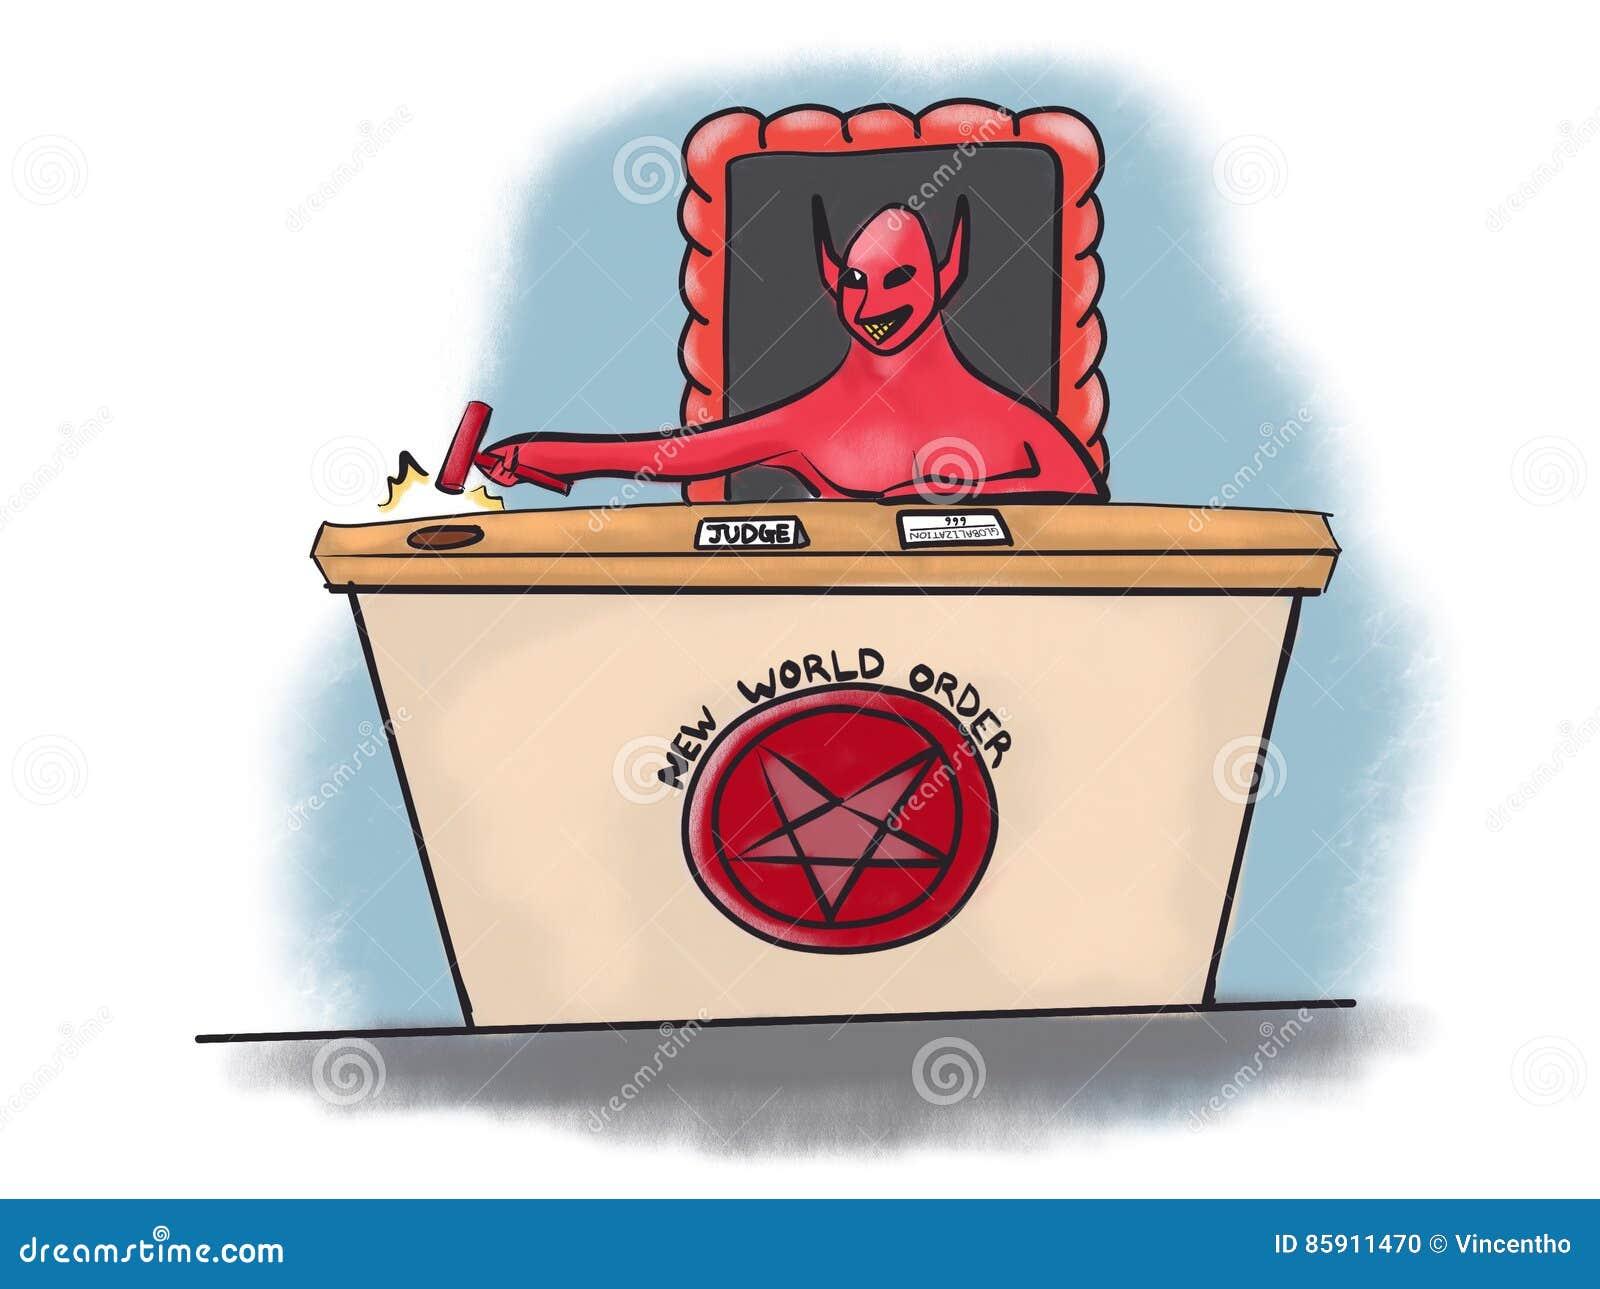 Nieuwe de Duivelsrechter Globalization Cartoon Illustration van de Wereldorde